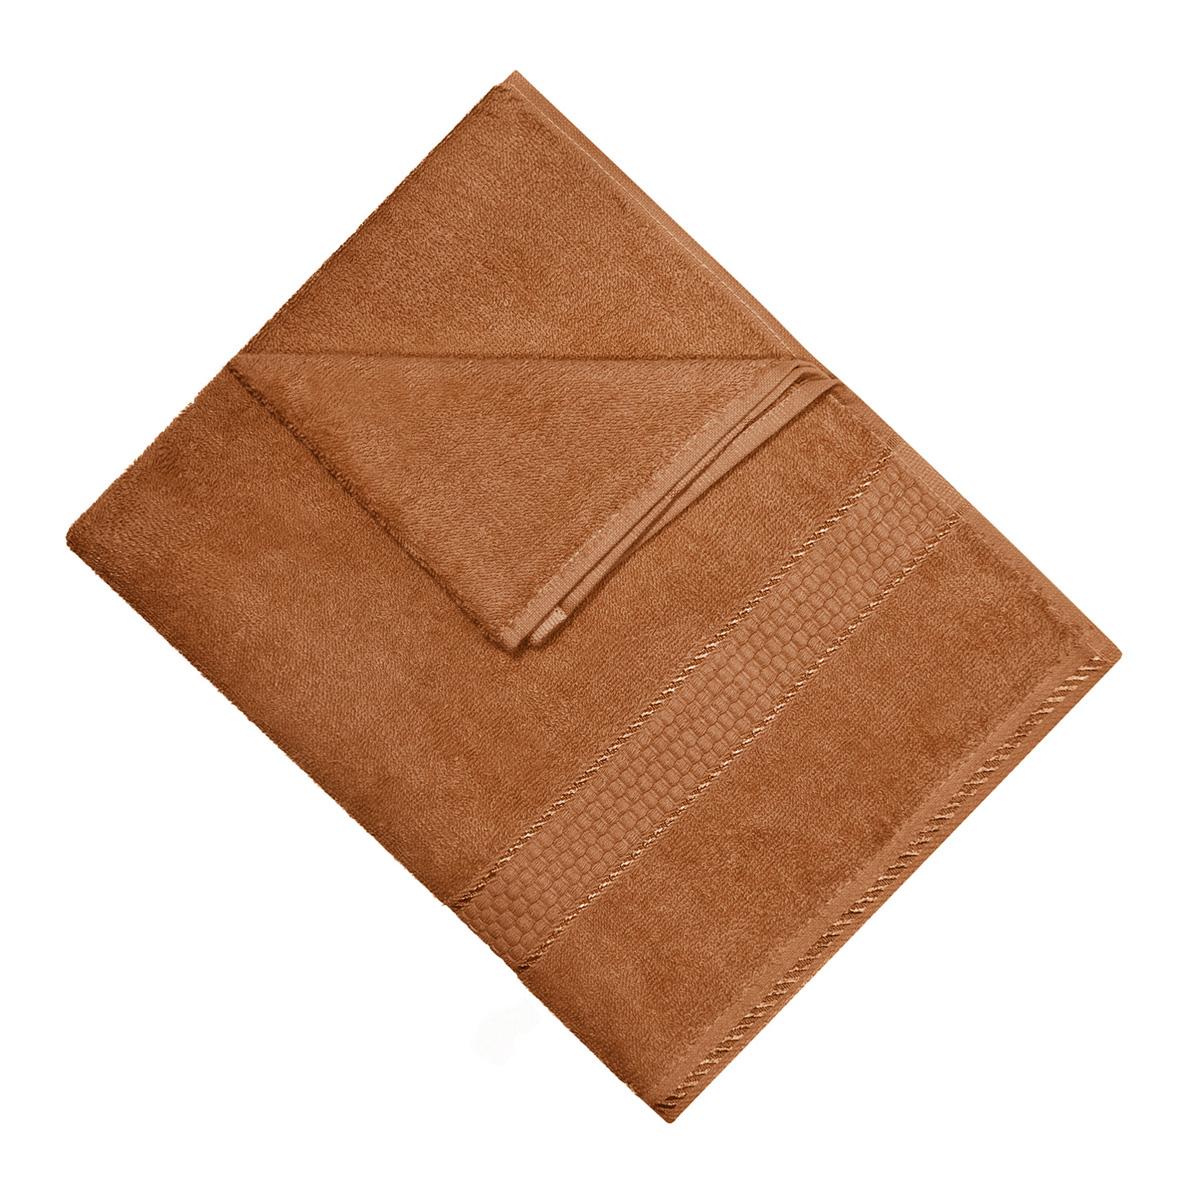 Полотенце Aisha Home Textile, цвет: коричневый, 70 х 140 см. УзТ-ПМ-114-08-20кУзТ-ПМ-114-08-20кМахровые полотенца AISHA Home Textile идеальное сочетание цены и качества. Полотенца упакованы в стильную подарочную коробку. В состав входит только натуральное волокно - хлопок. Лаконичные бордюры подойдут для любого интерьера ванной комнаты. Полотенца прекрасно впитывает влагу и быстро сохнут. При соблюдении рекомендаций по уходу не линяют и не теряют форму даже после многократных стирок. Плотность: 420 г/м2.